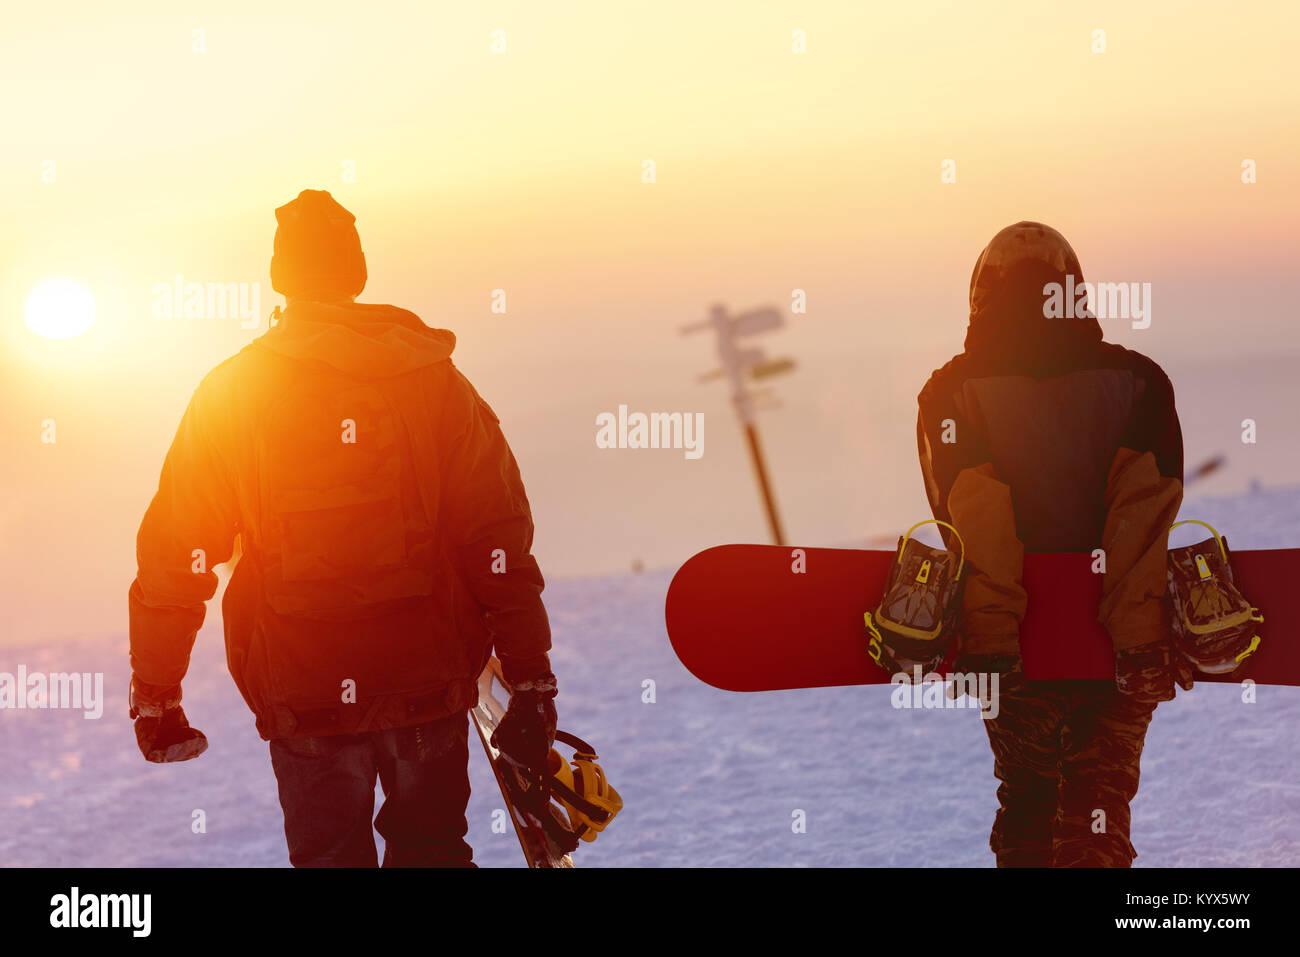 Zwei Snowboarder wandern gegen Sonnenuntergang Himmel Stockbild